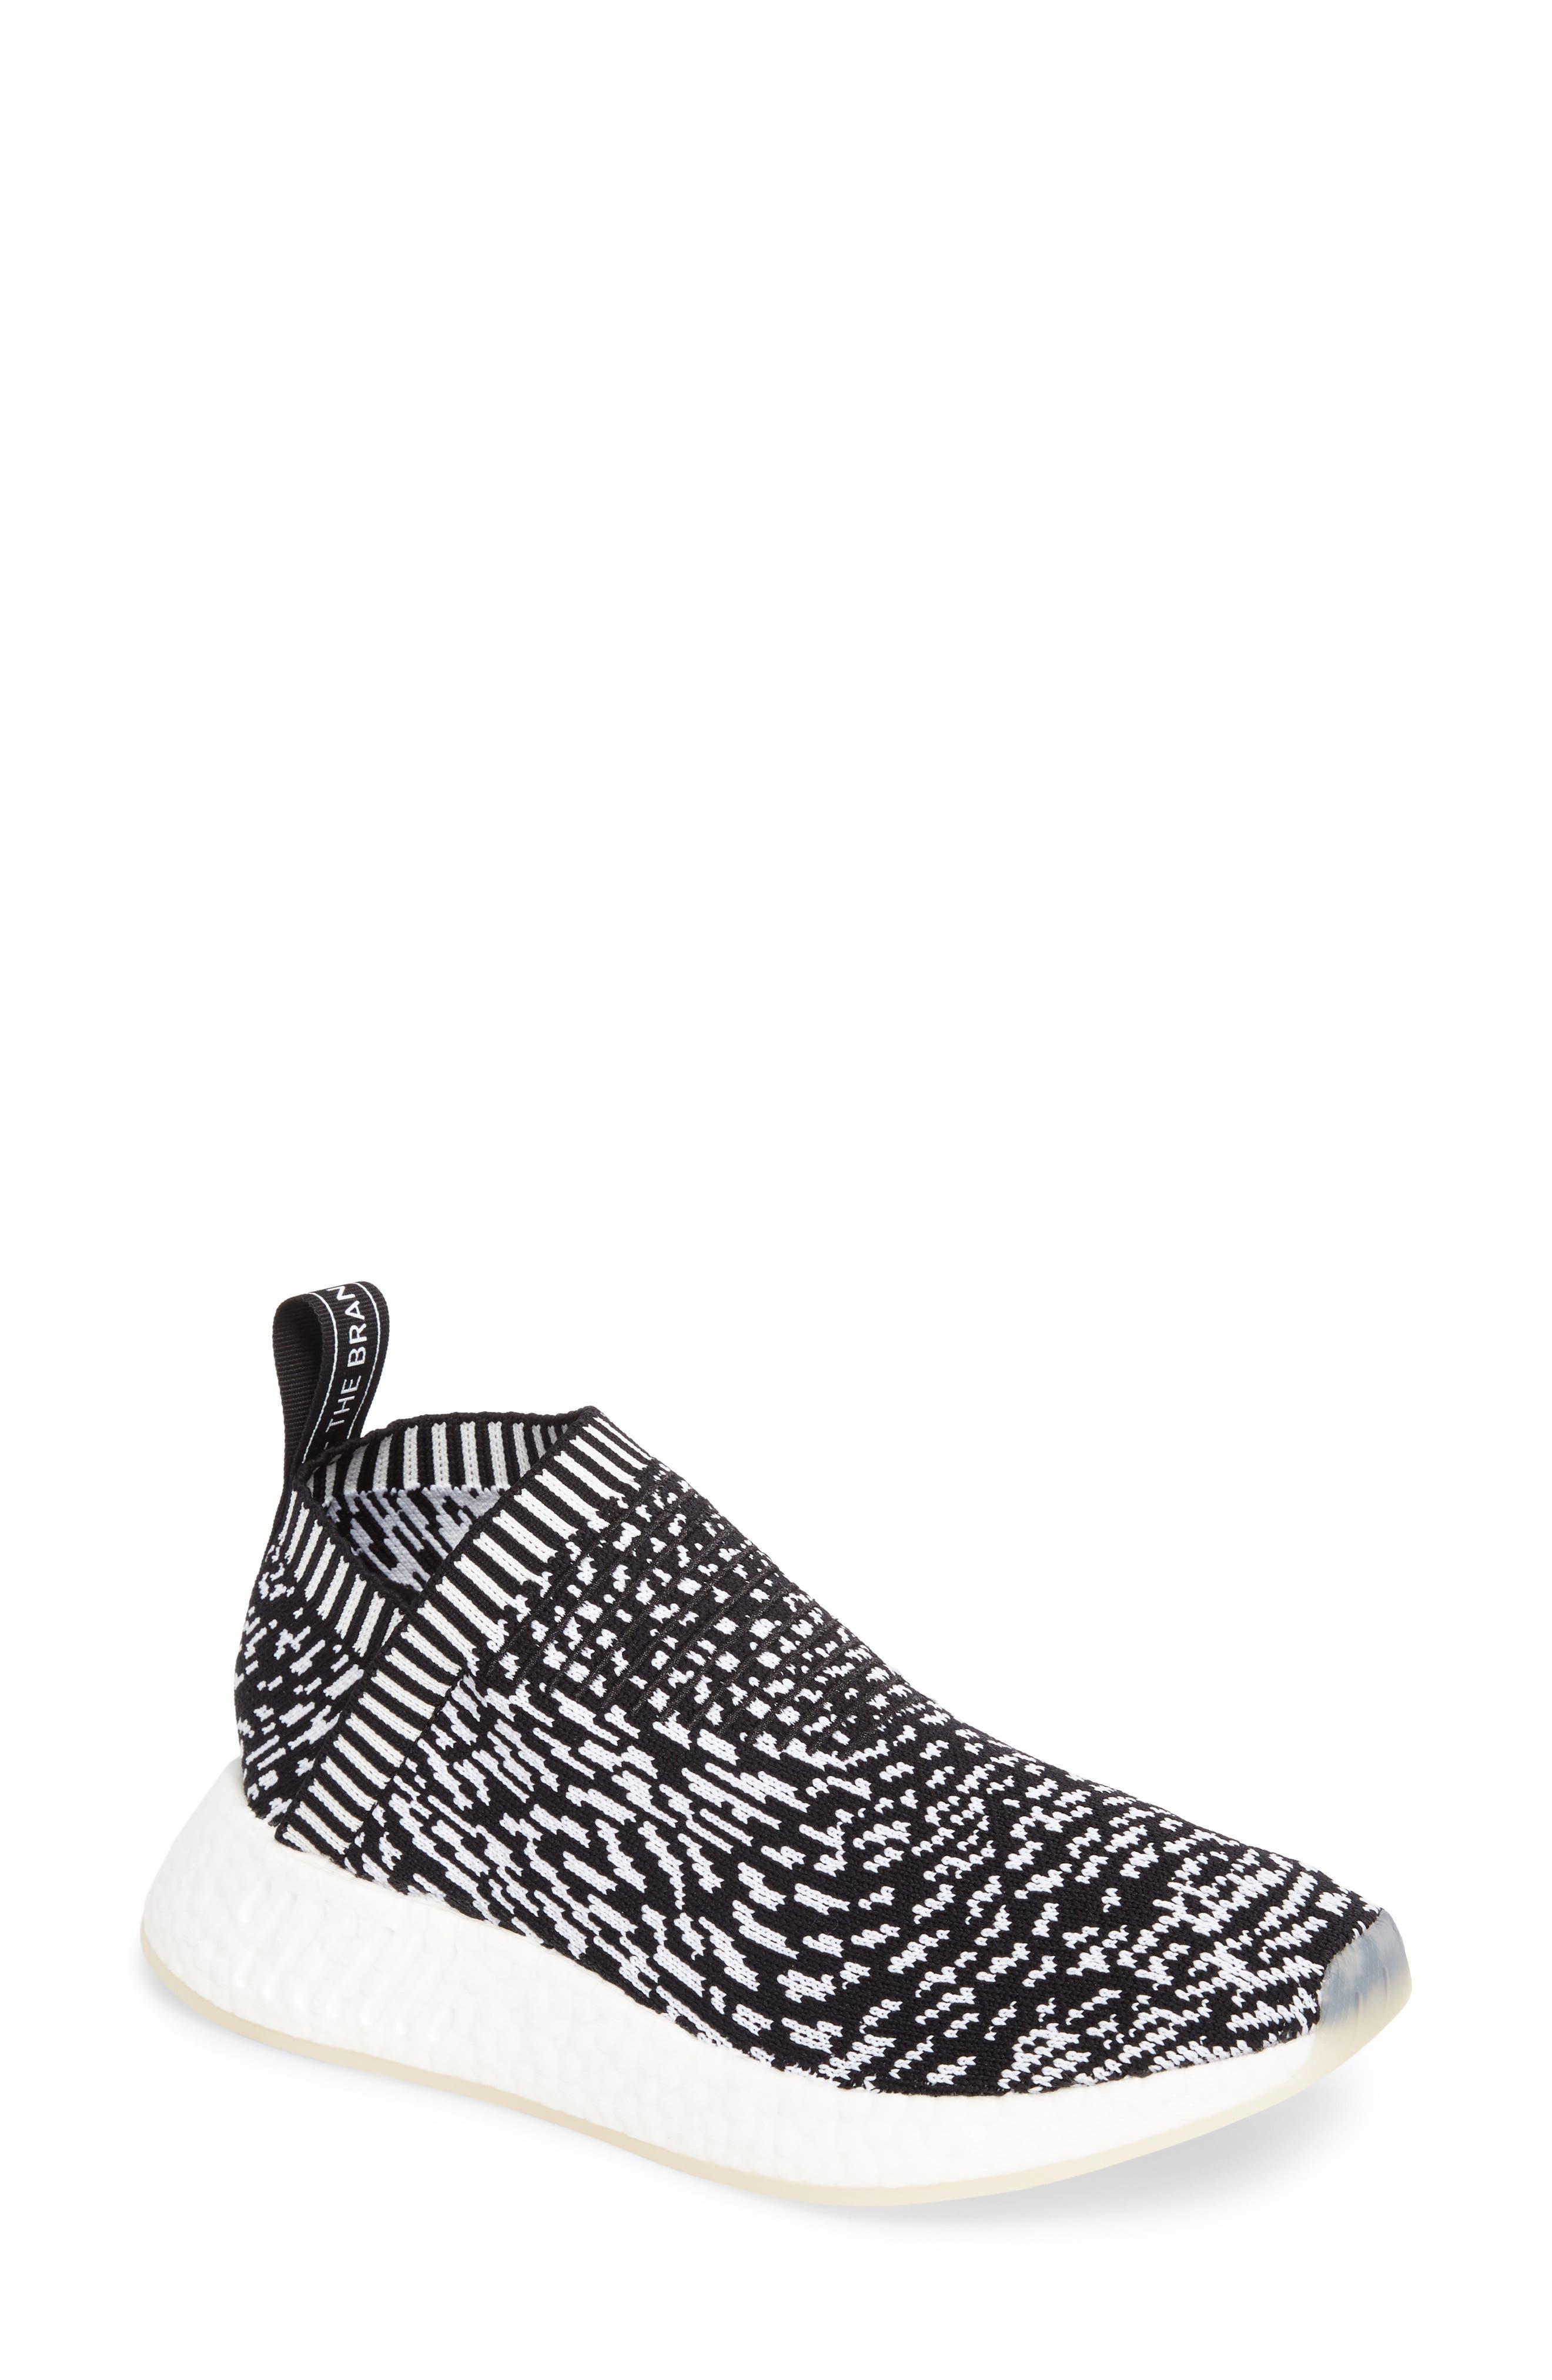 NMD_CS2 Primeknit Sneaker,                         Main,                         color, 001